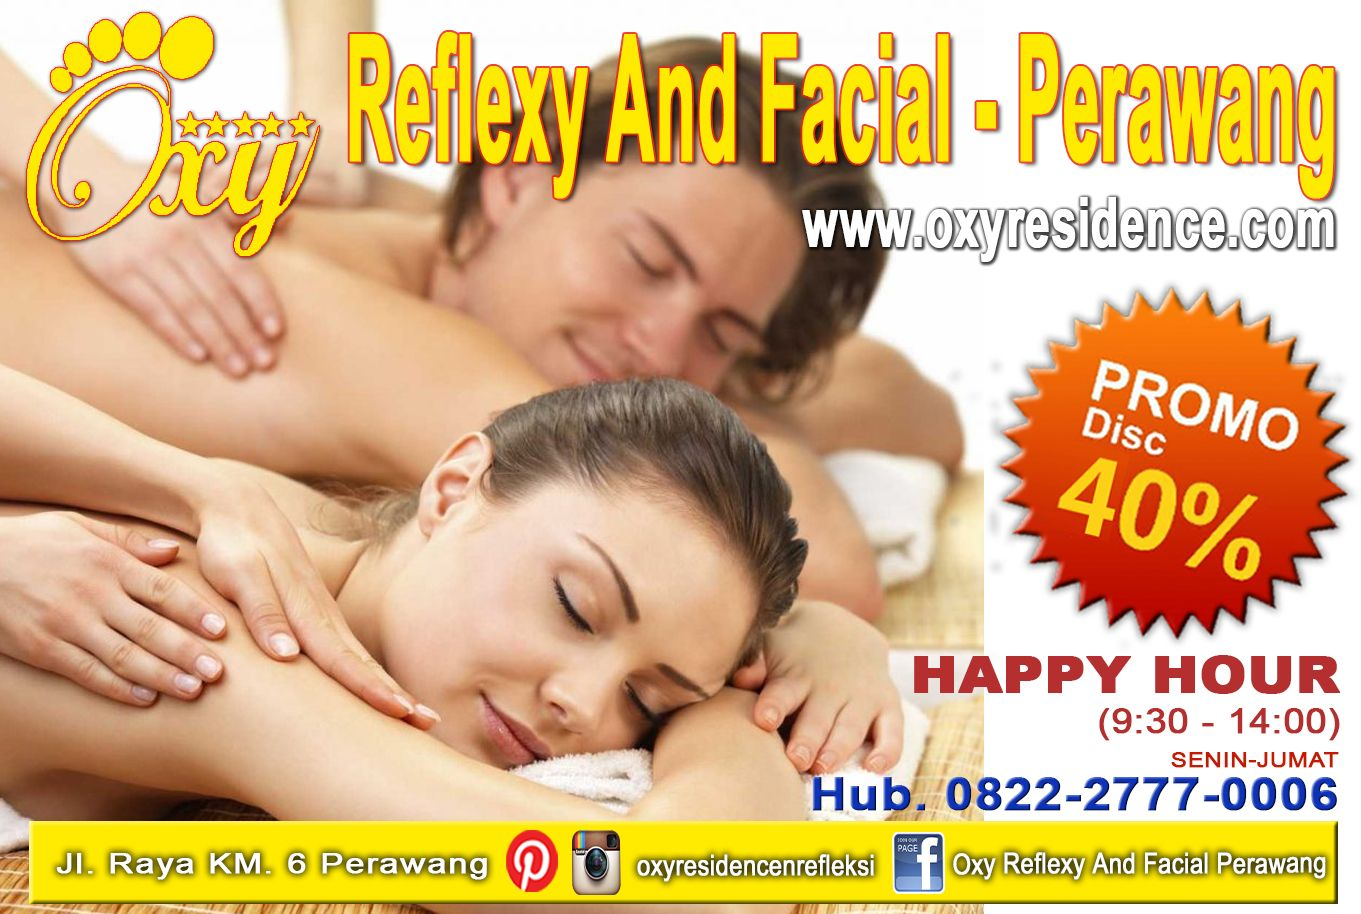 Oxy family Reflexy dan facial cabang di Jl. Raya KM. 6 Perawang atau hub 0822-2777-0006 & dapatkan discount 40% selama Happy Hour(9:30-14:00), Senin-Jumat . #oxyreflexyperawang #oxyfamilyrefleksi #perawang #refleksi #facial #promo